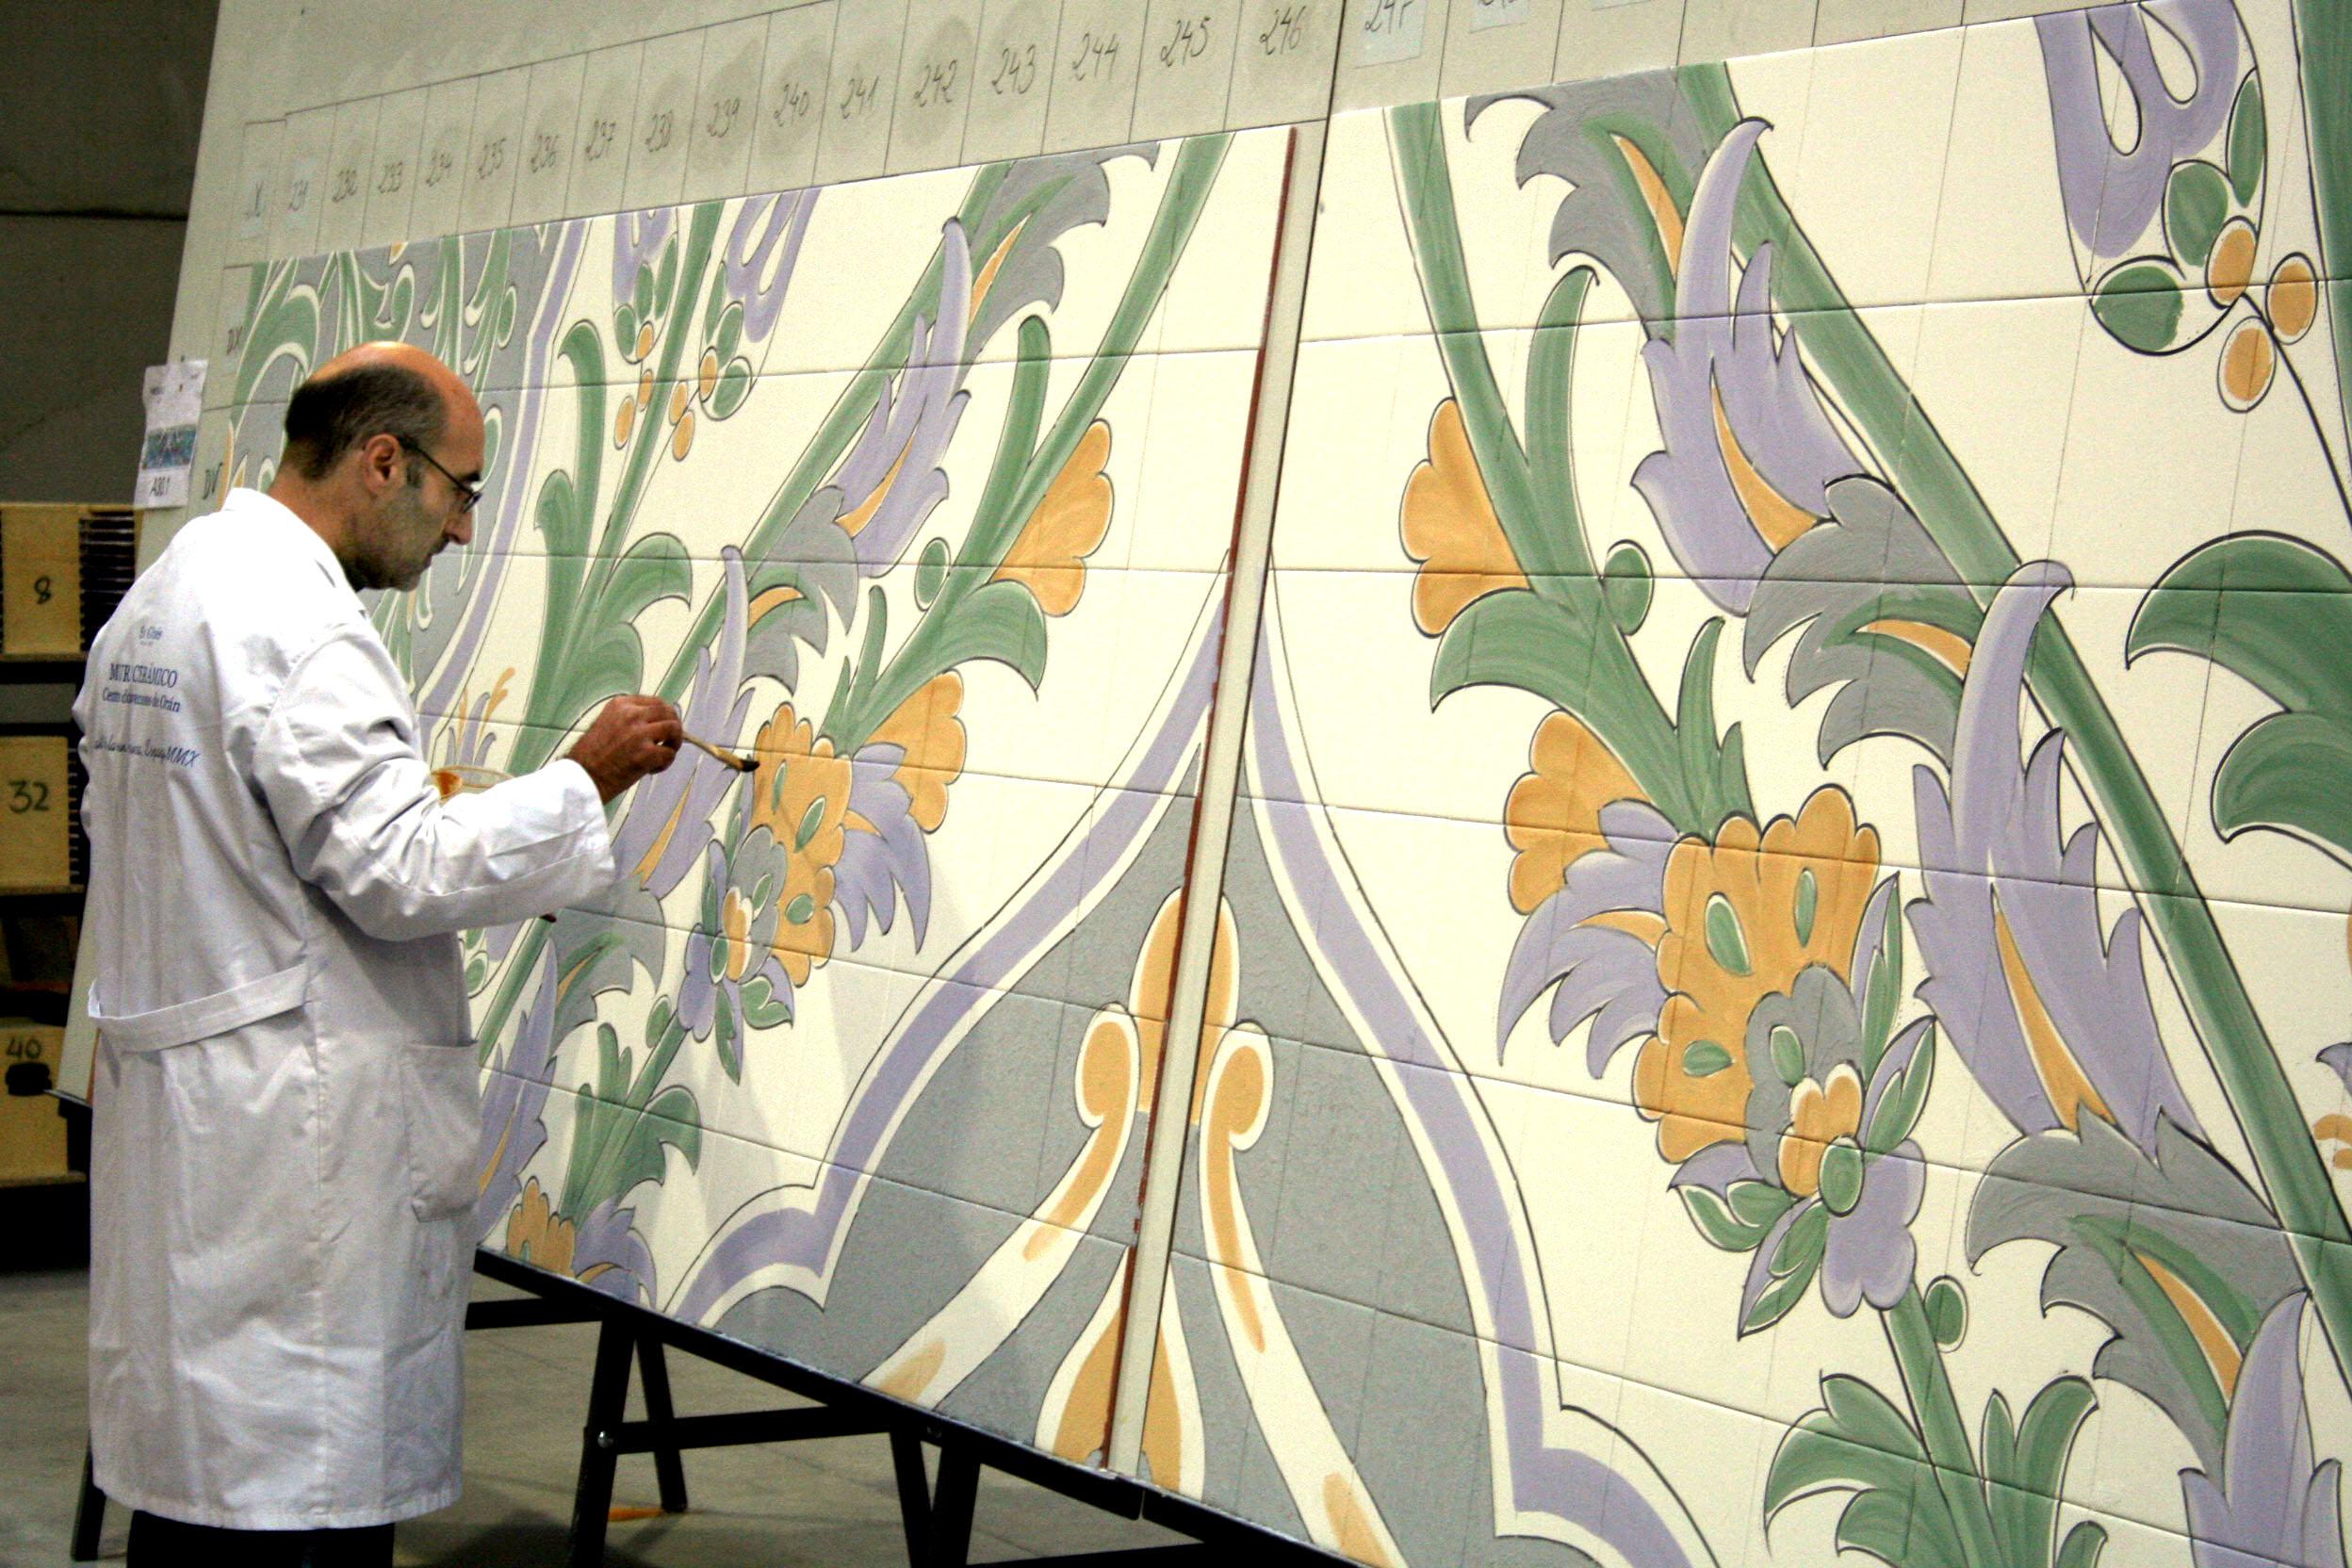 Barreda viaja a talavera de la reina para ver el mural - Murales de ceramica artistica ...